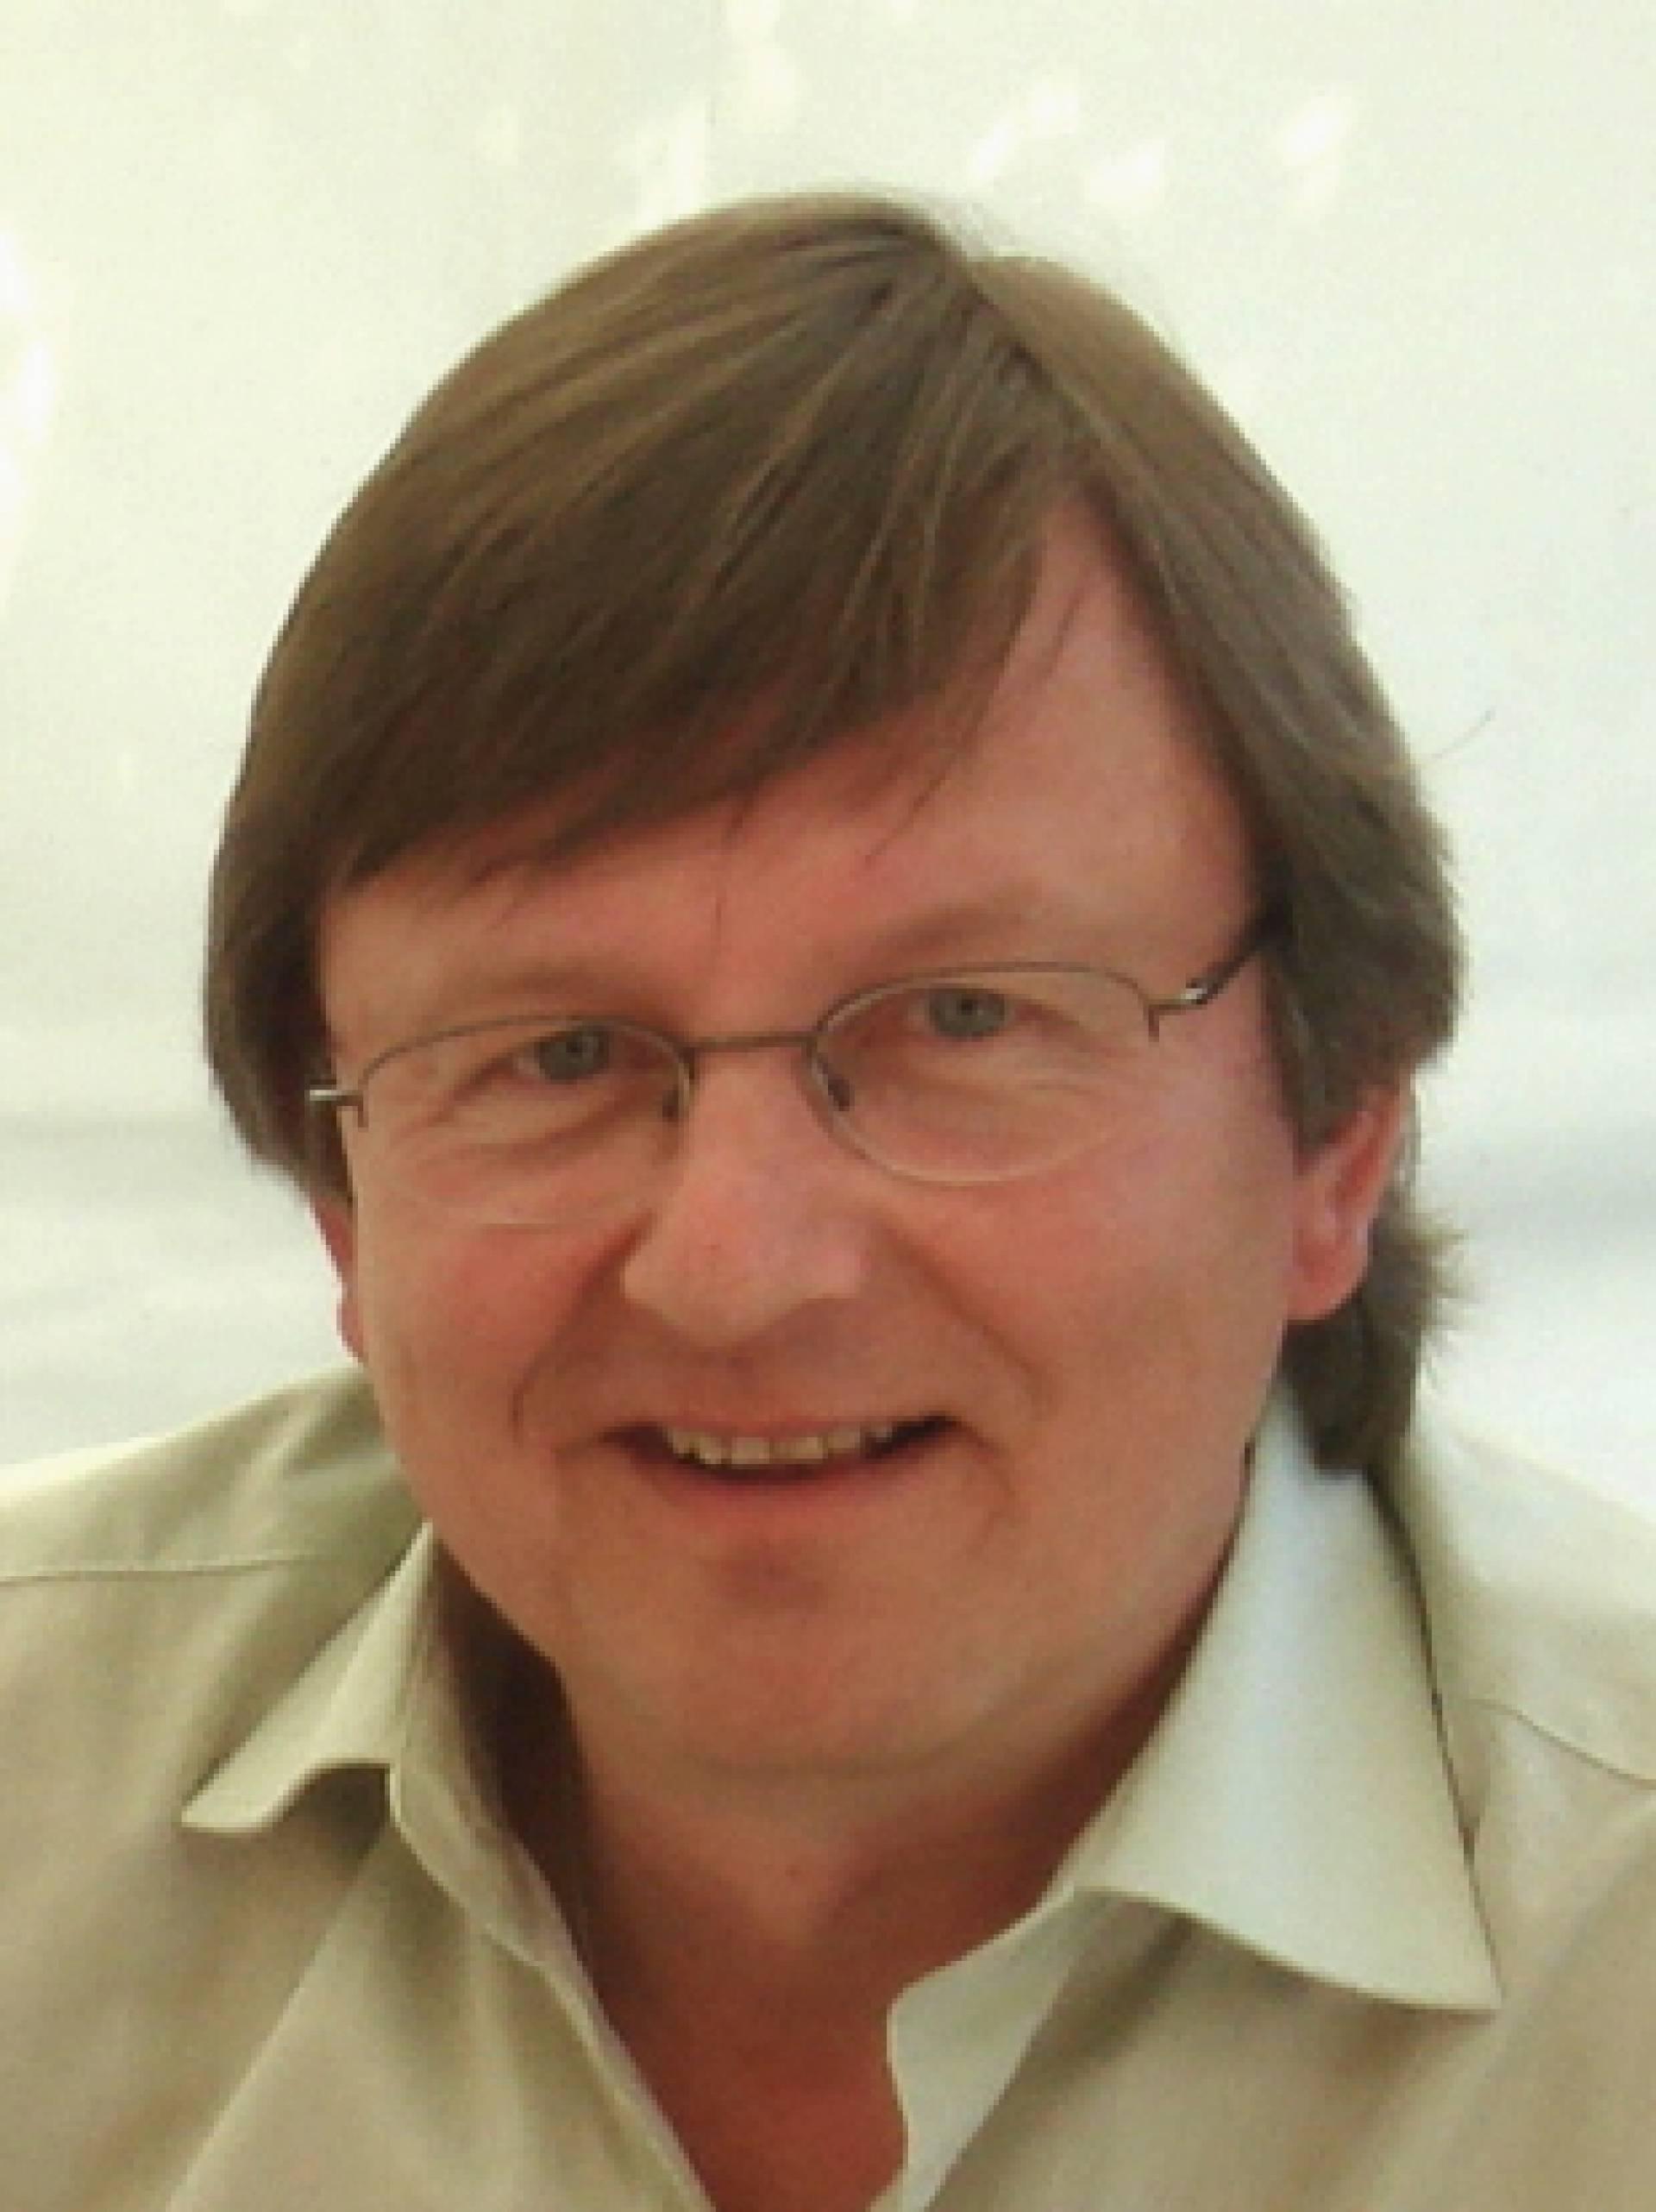 D47506 - Jürgen Goll